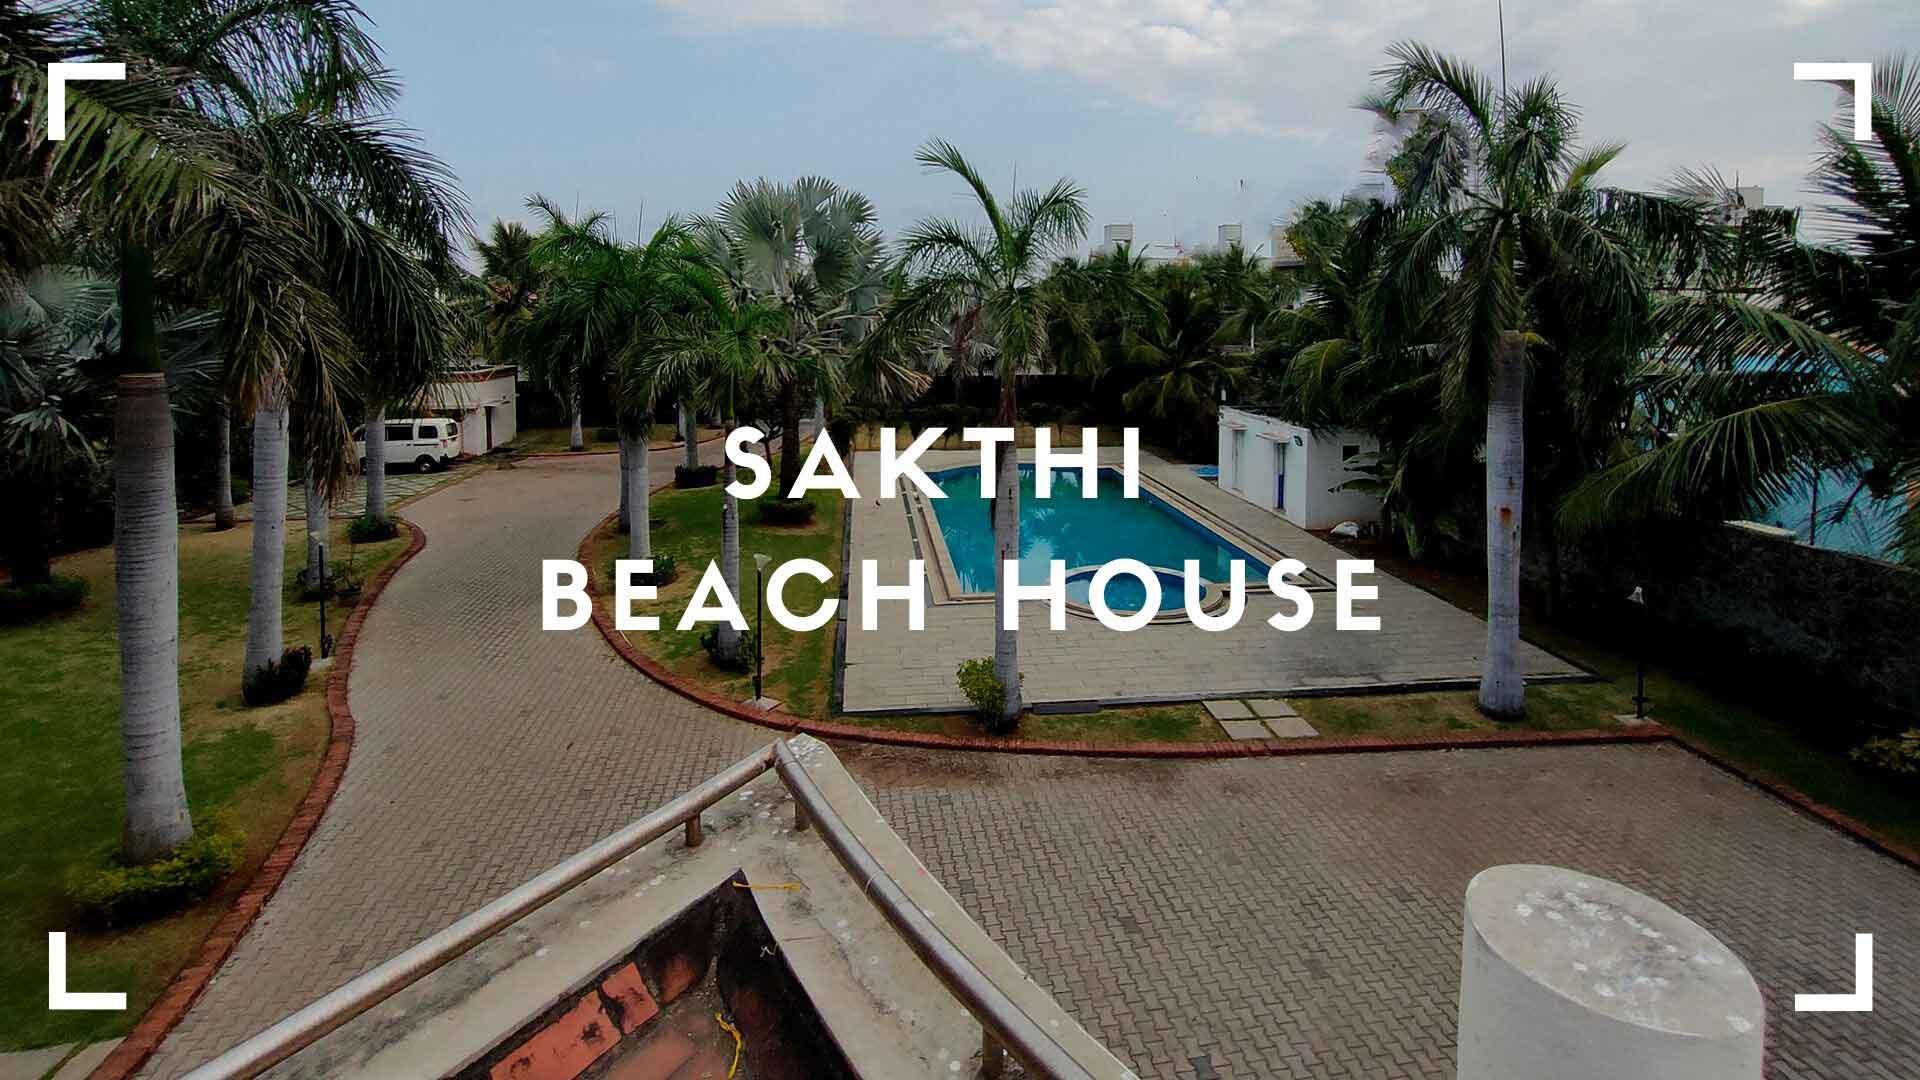 sakthi beach house